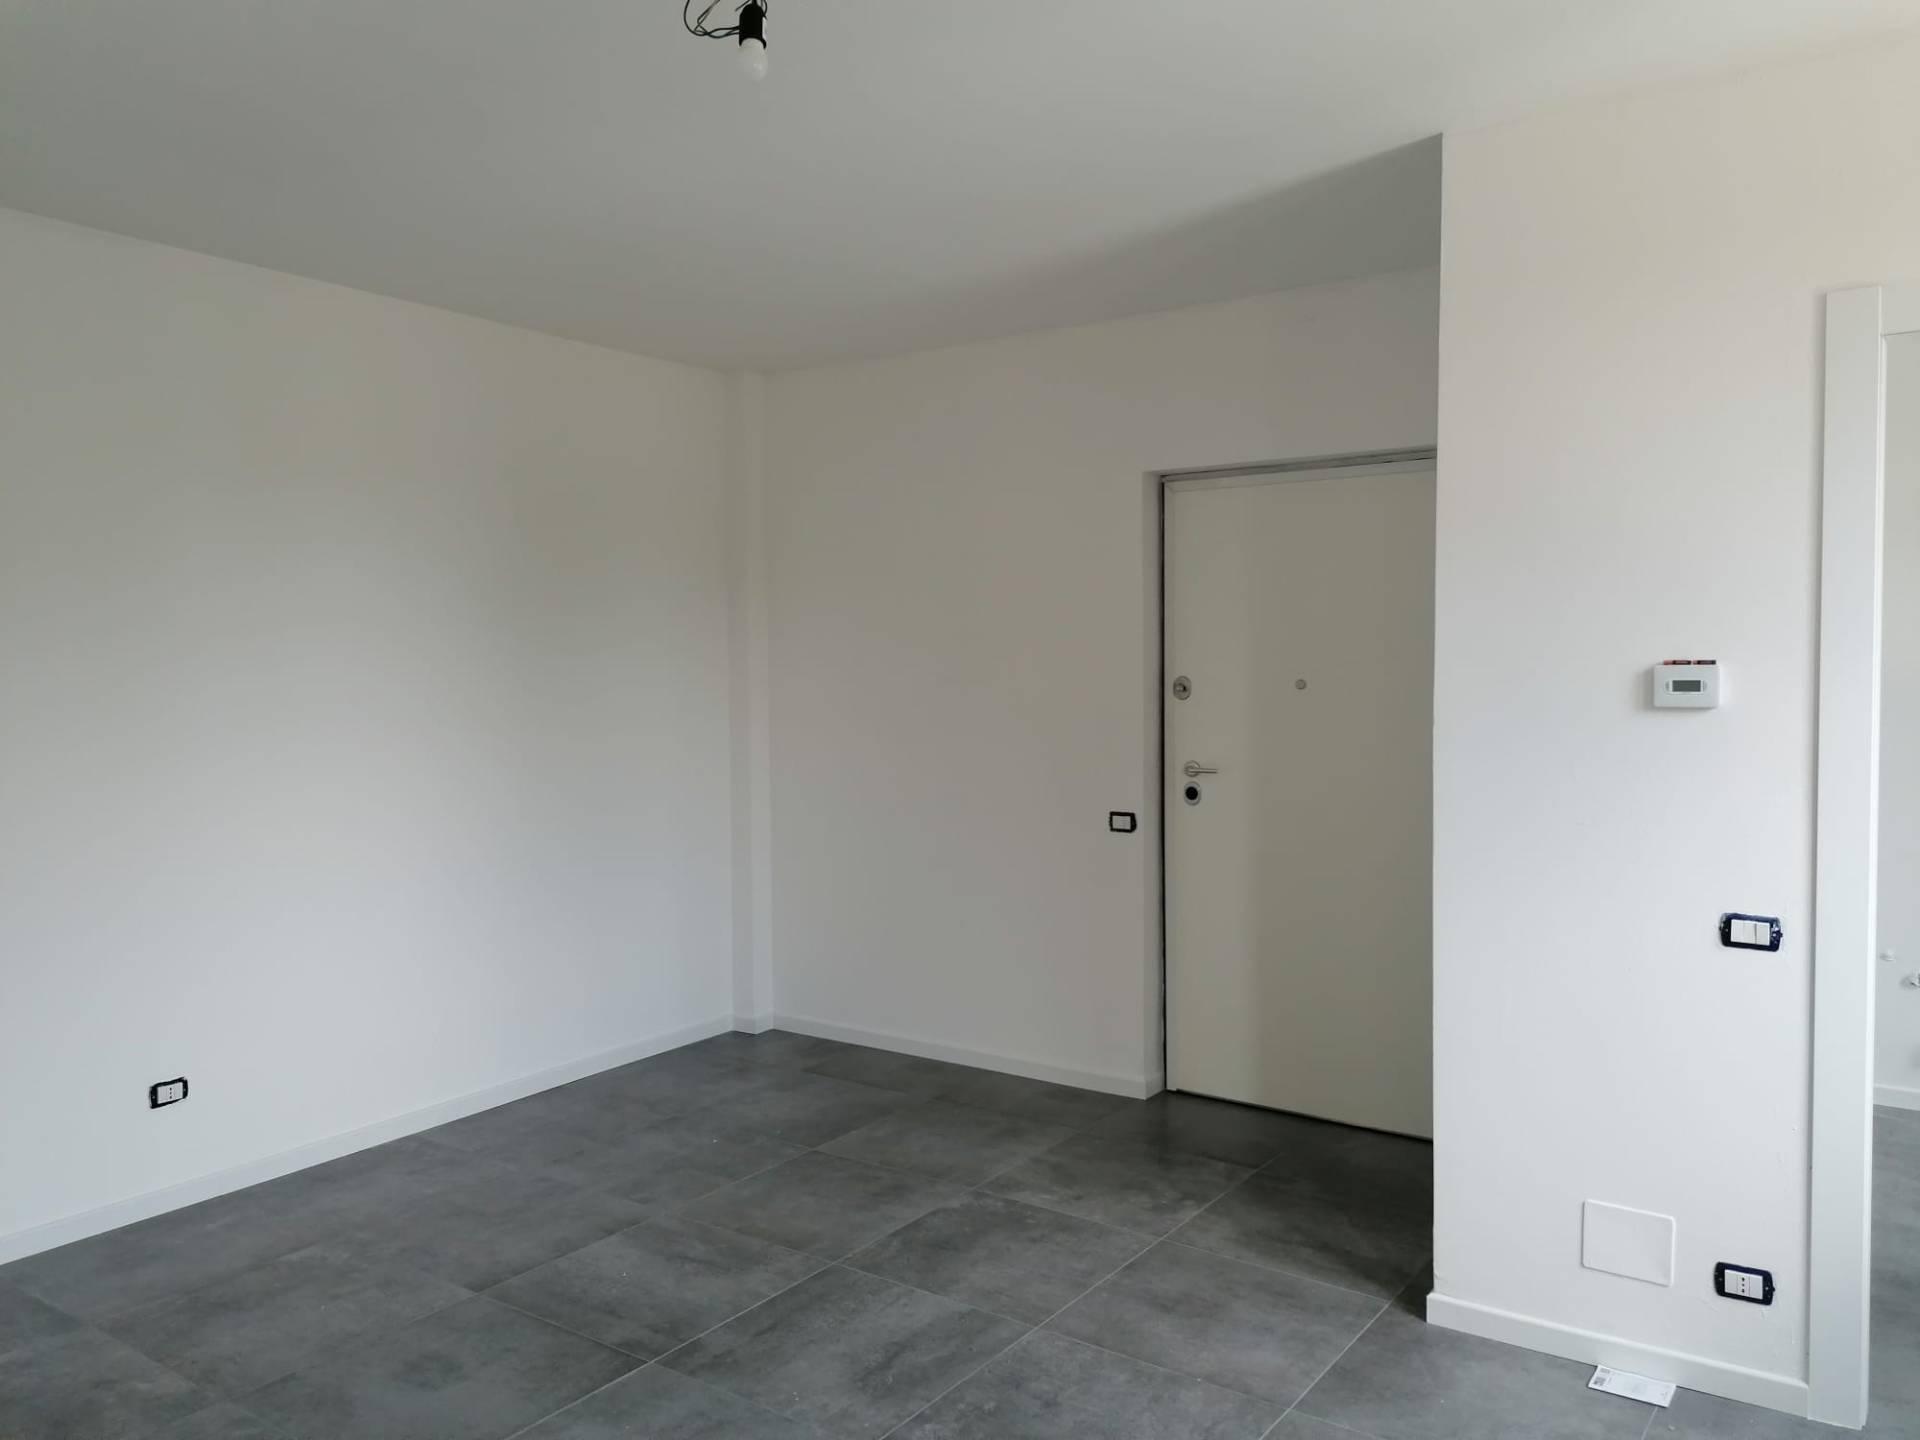 Appartamento in vendita a Uboldo, 3 locali, prezzo € 117.000   CambioCasa.it